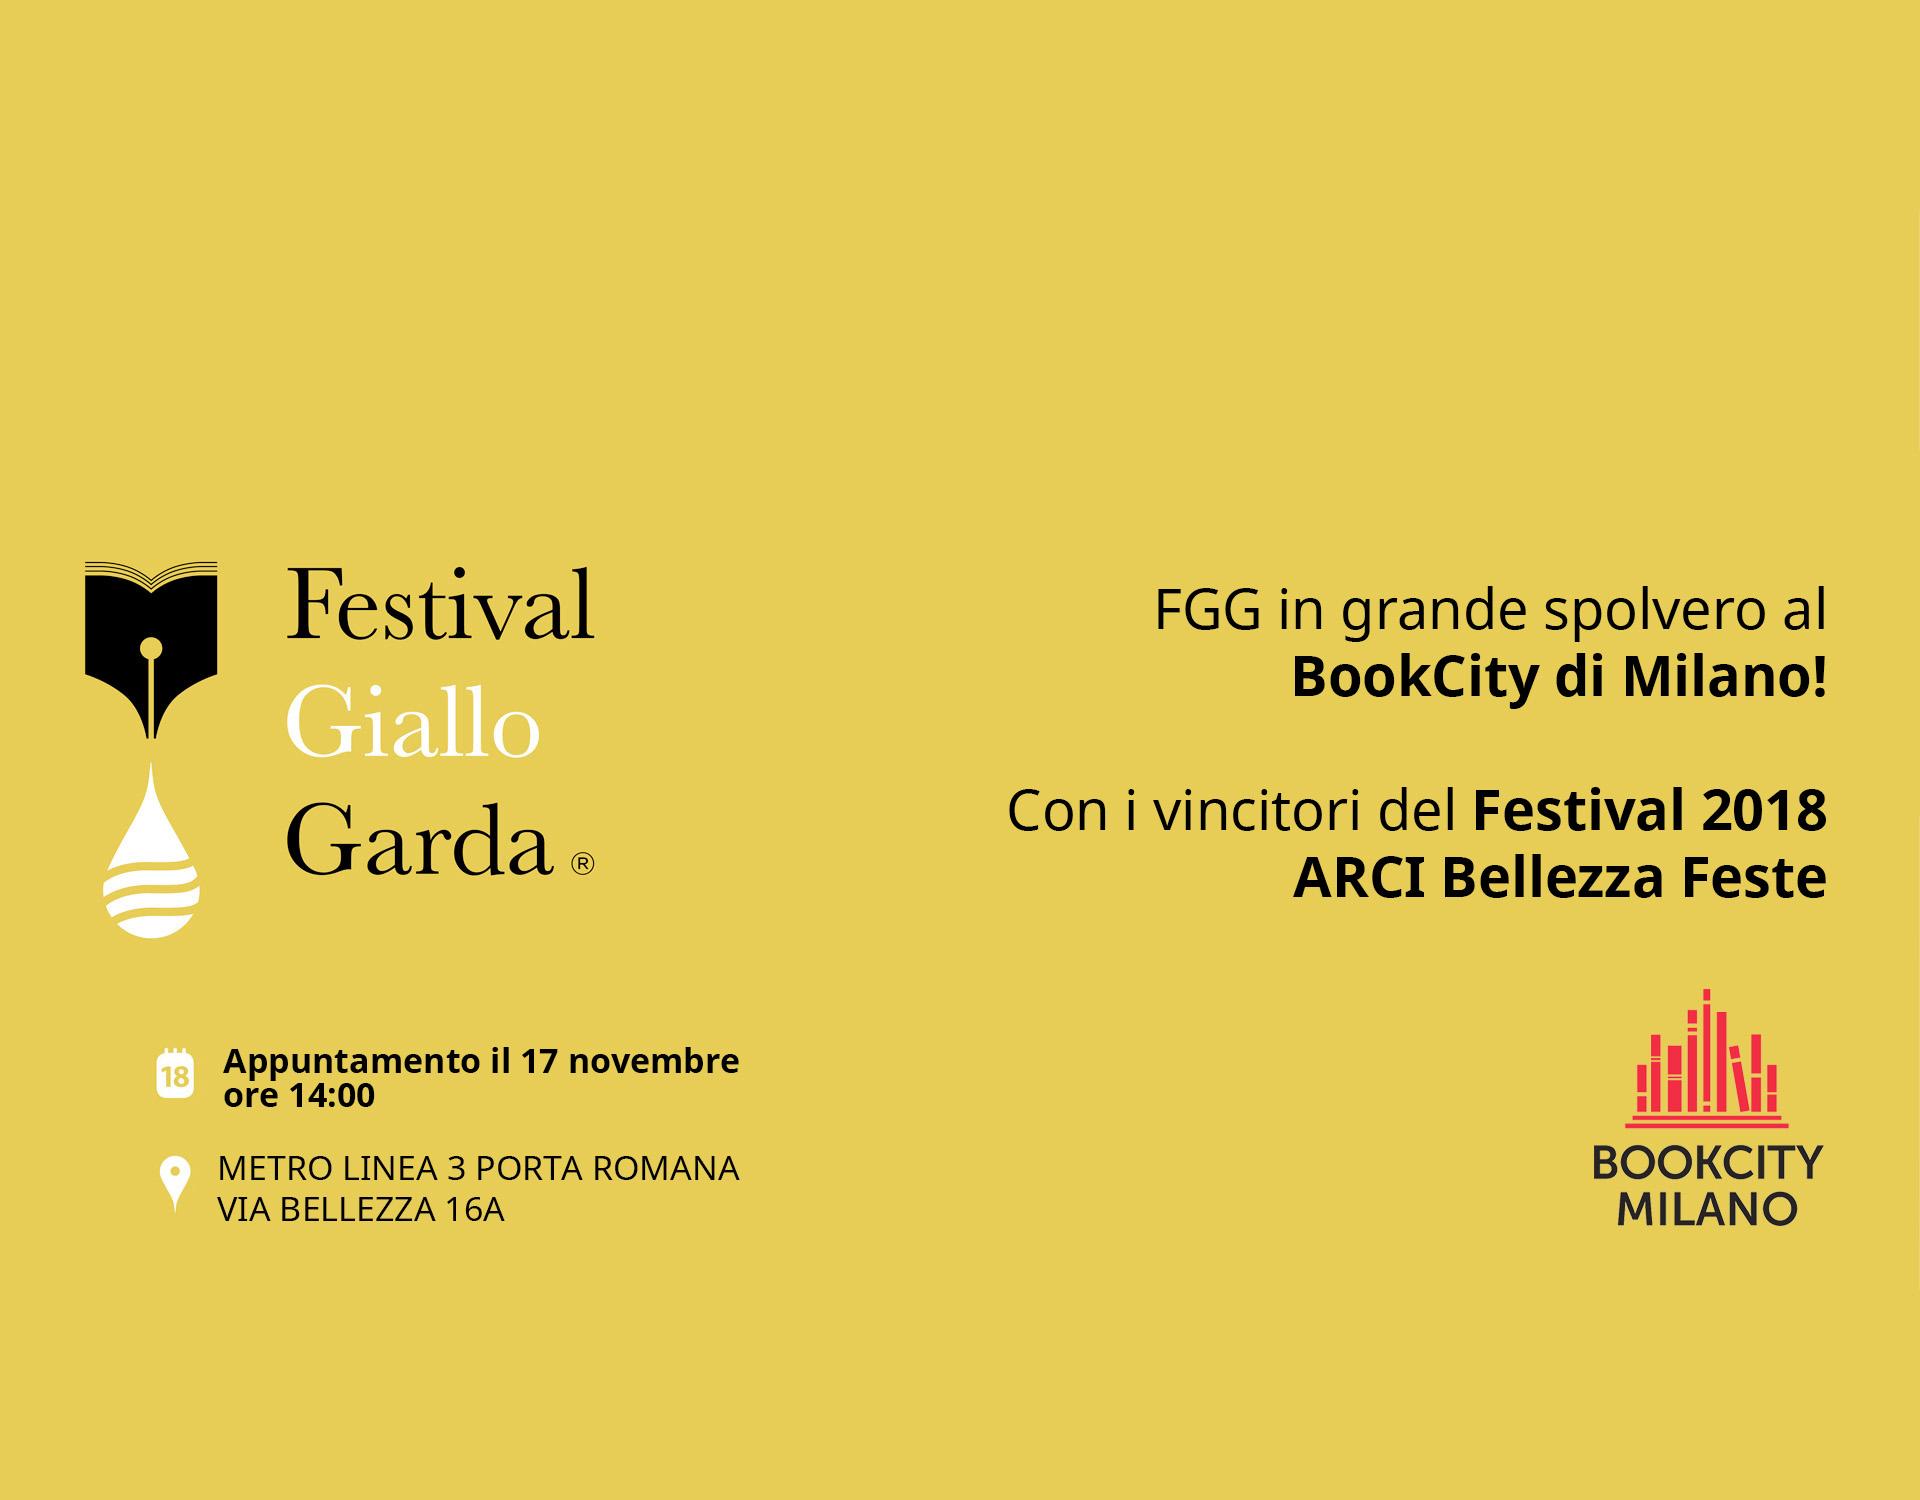 FGG al BookCity di Milano